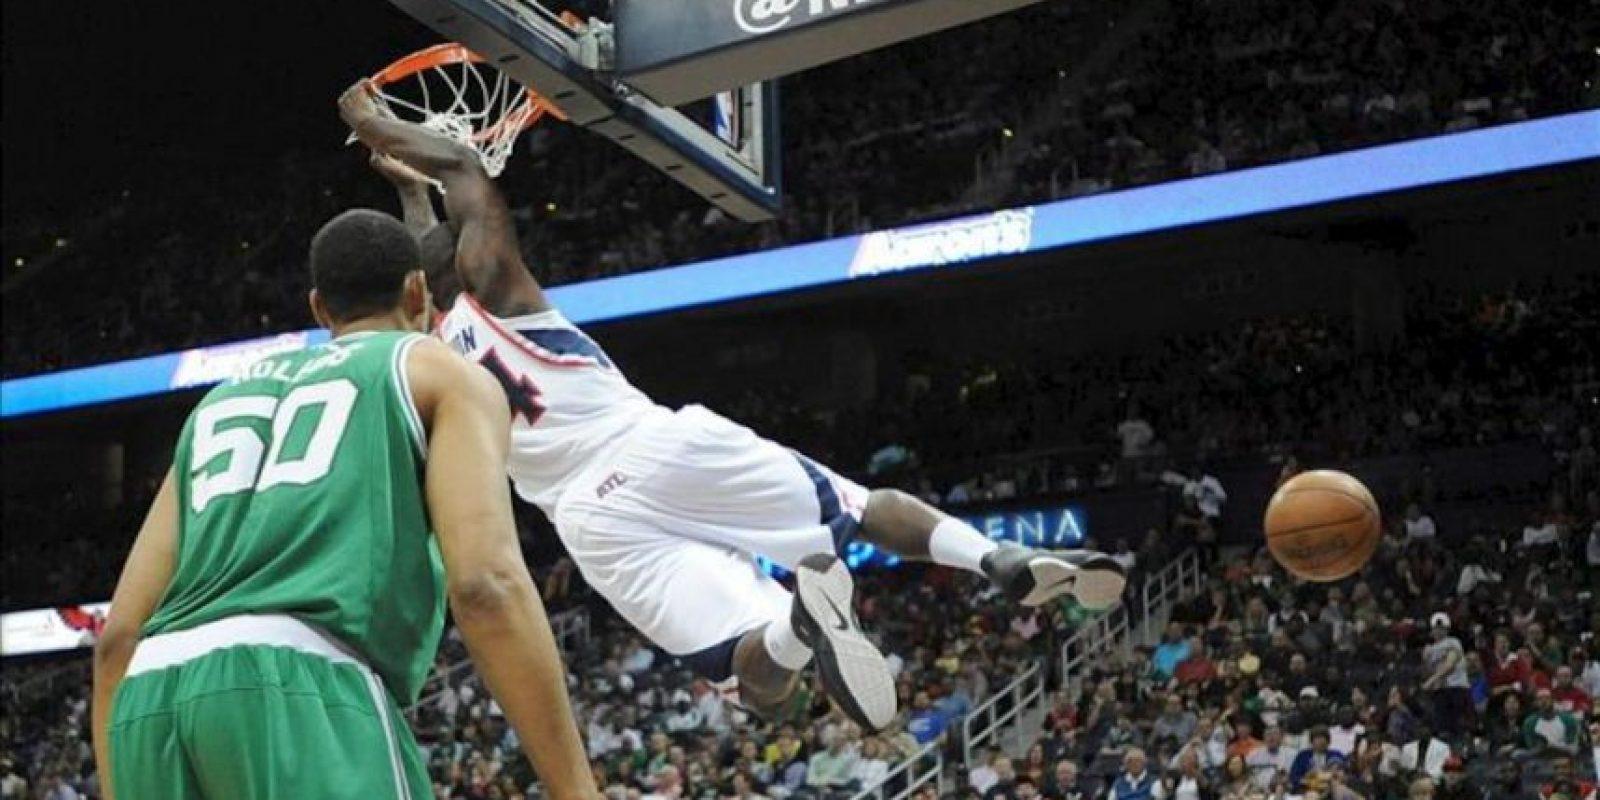 El atacante de los Atlanta Hawks, Iván Johnson (d), encesta sobre el atacante de Boston Celtics, Ryan Hollins, durante un juego de la NBA en Philips Arena en Atlanta (EE.UU.). EFE